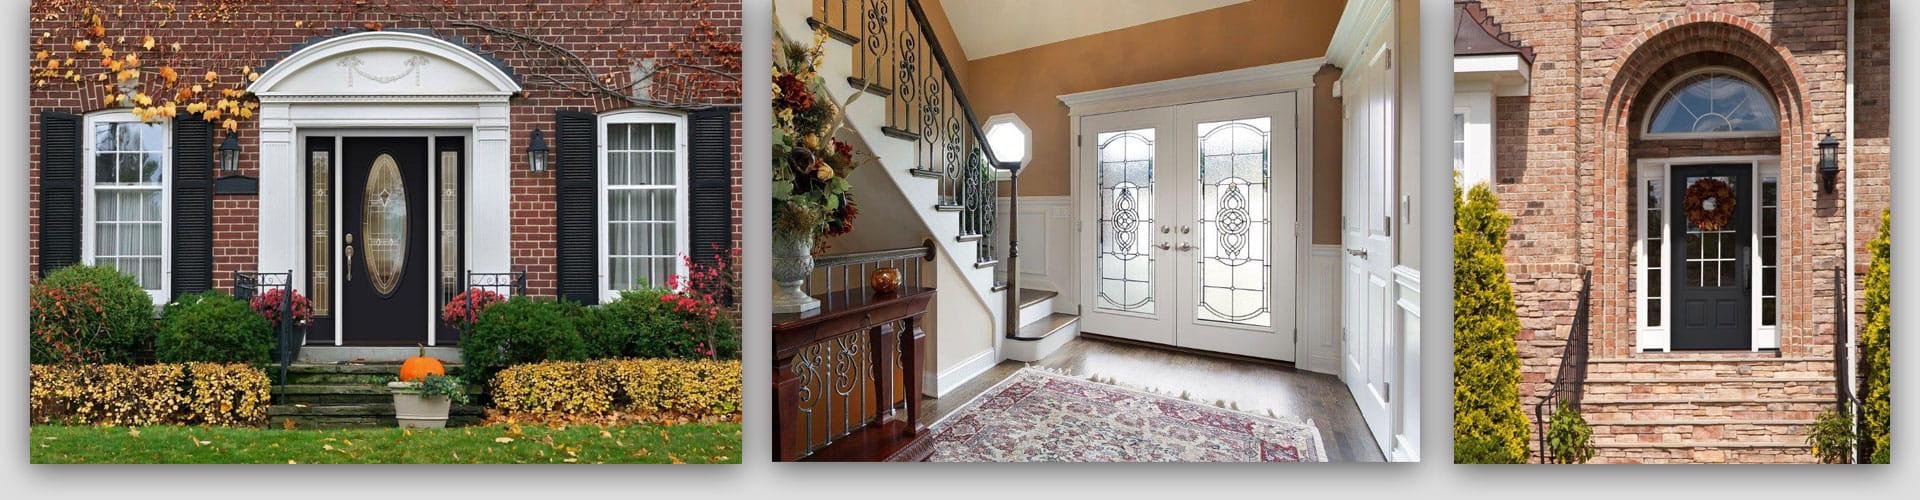 Entry door specialists in central ohio precision building service designer entry door specialists eventshaper